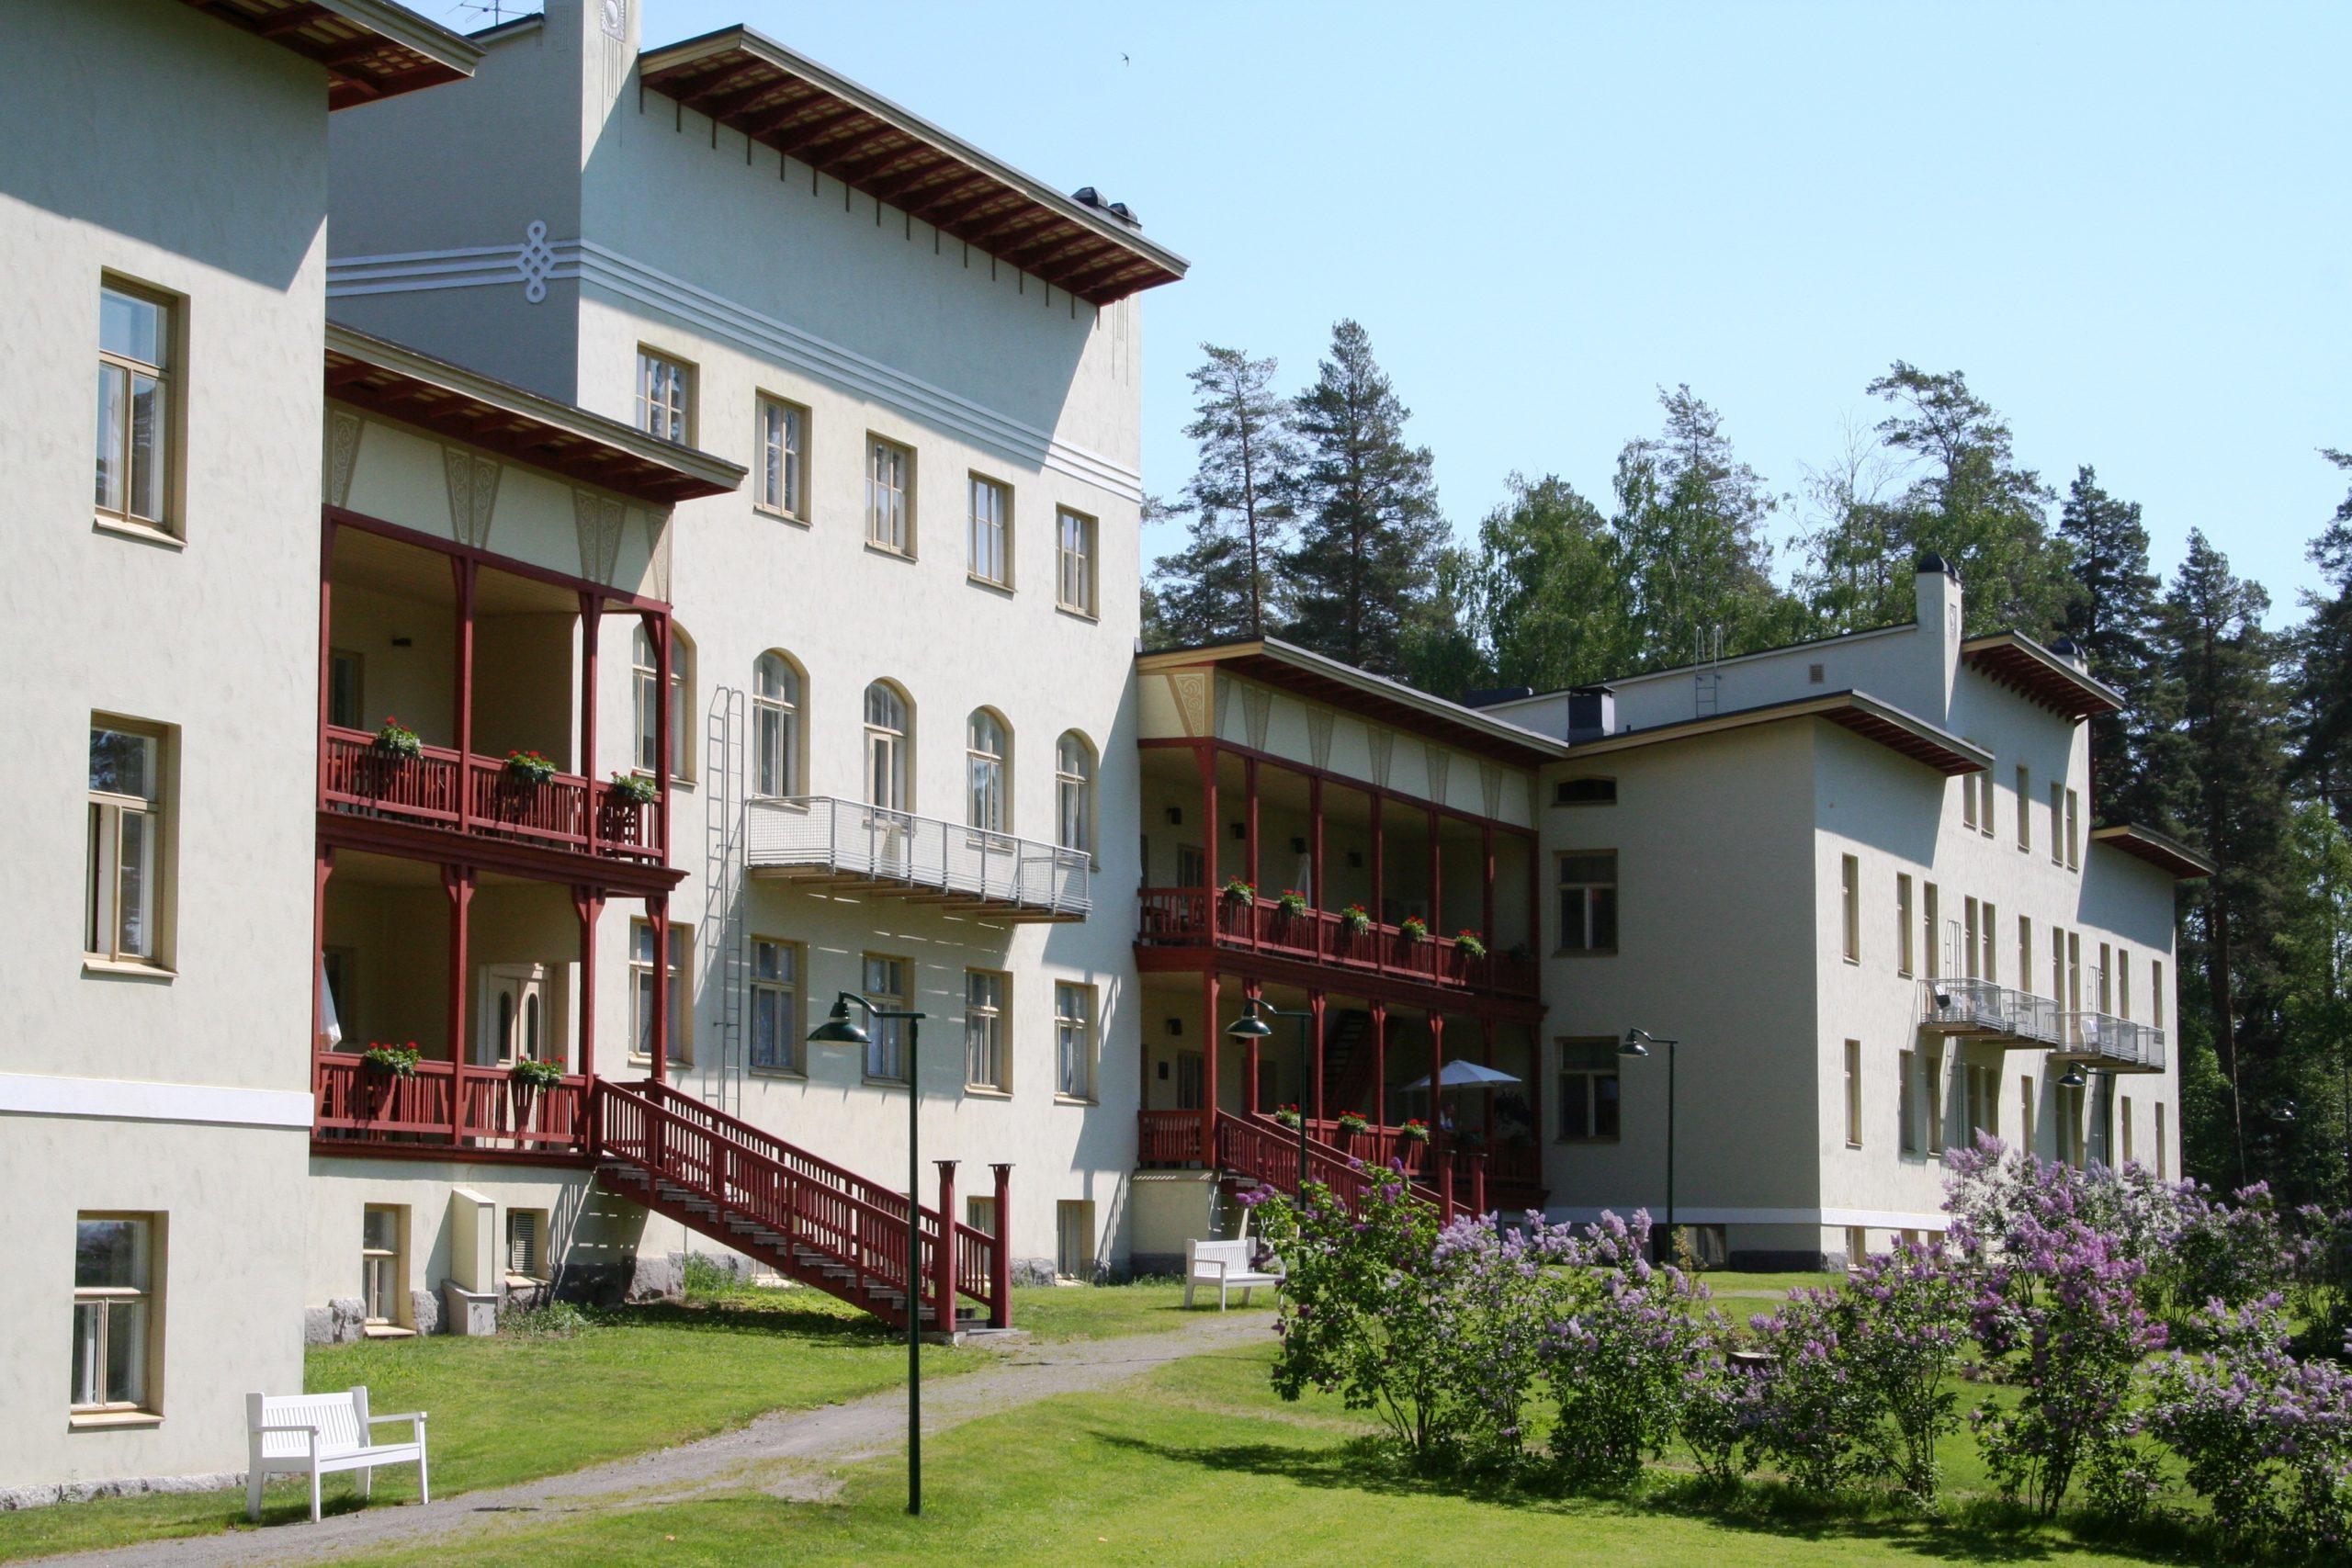 Kruunupuisto main building